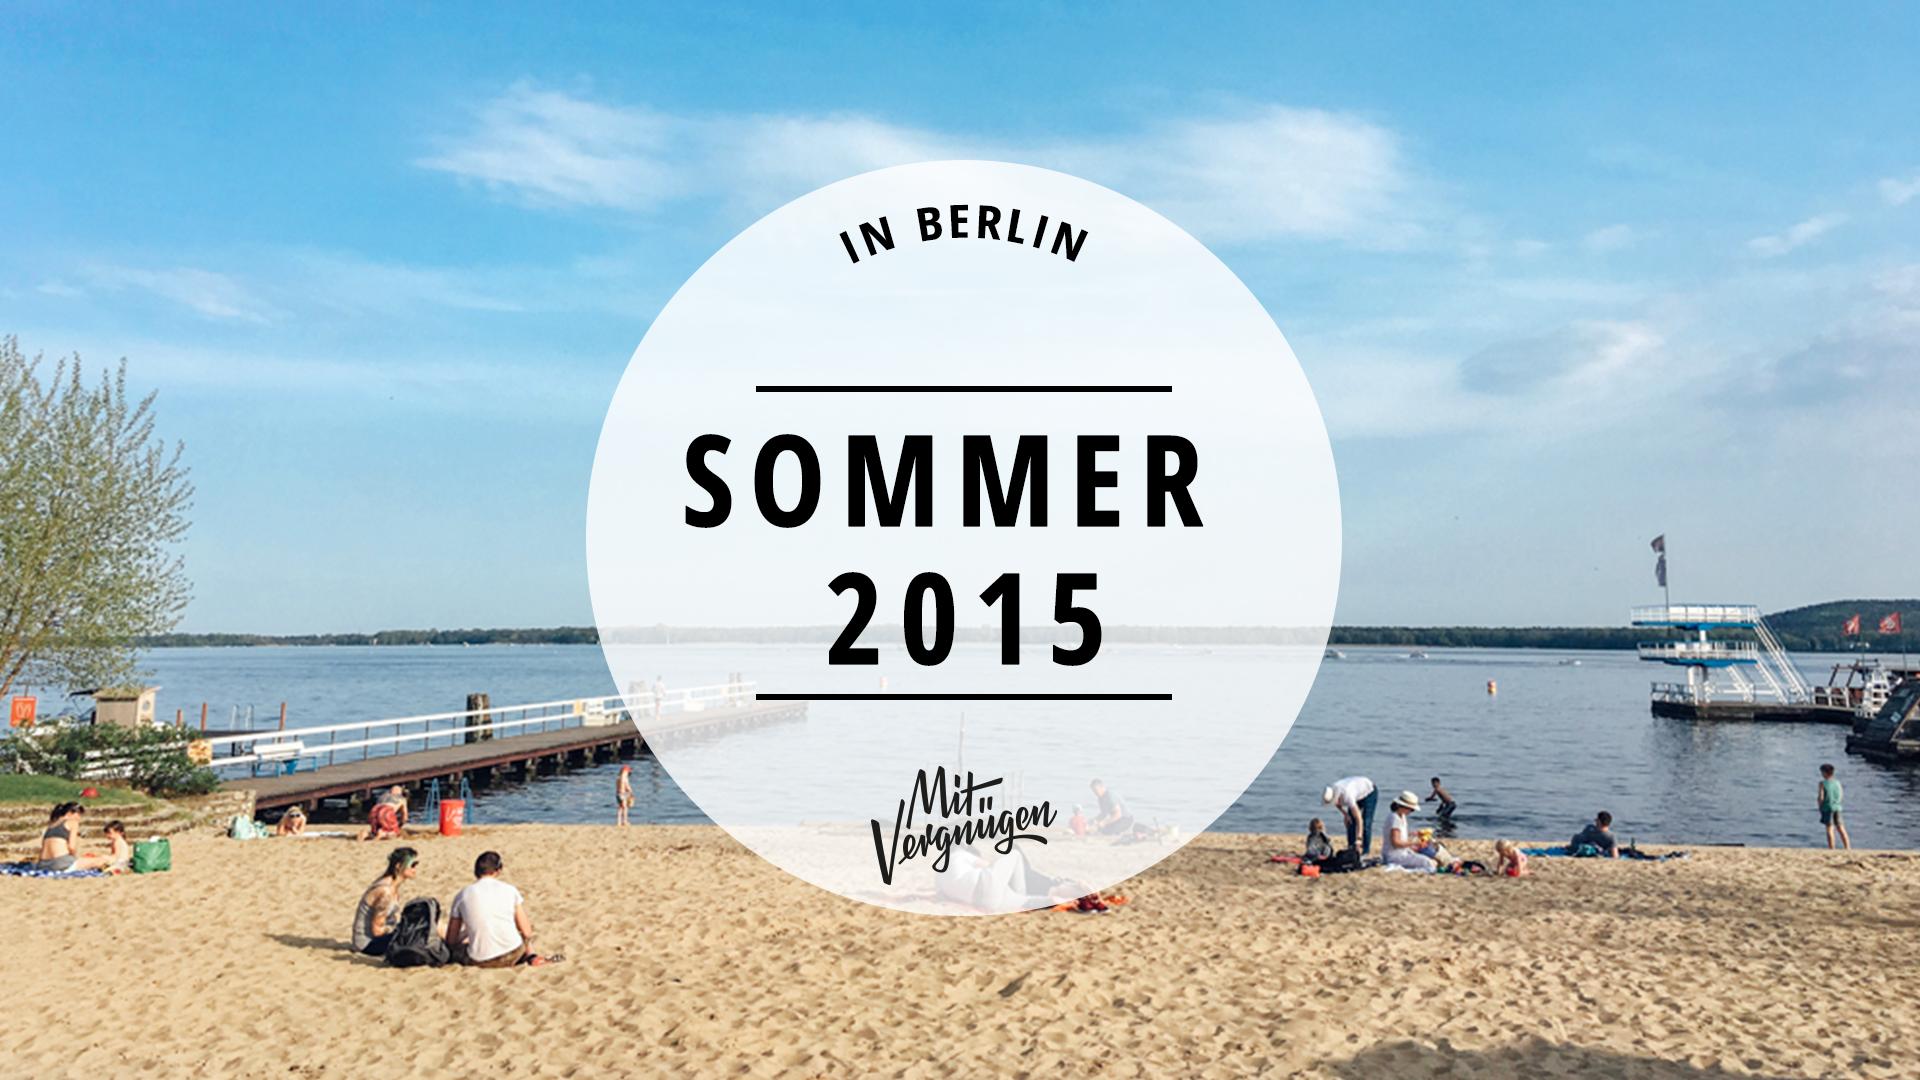 21 ziemlich gute Tipps für den Sommer in Berlin 2015